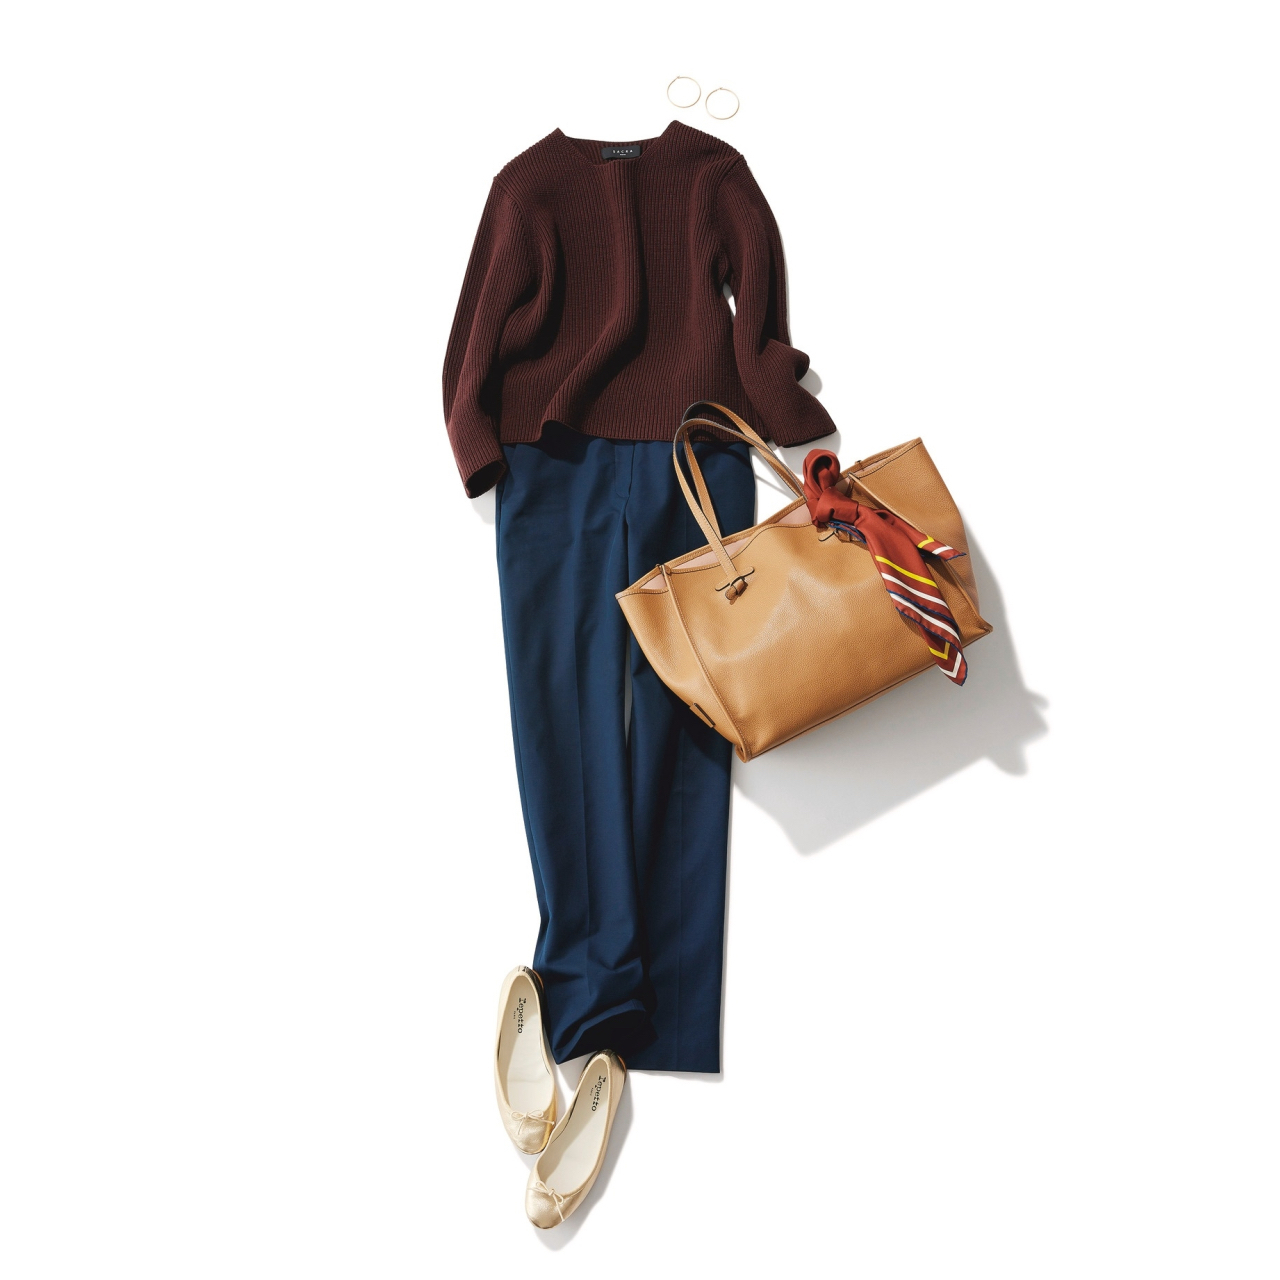 ネイビーパンツ×ブラウンニットのファッションコーデ